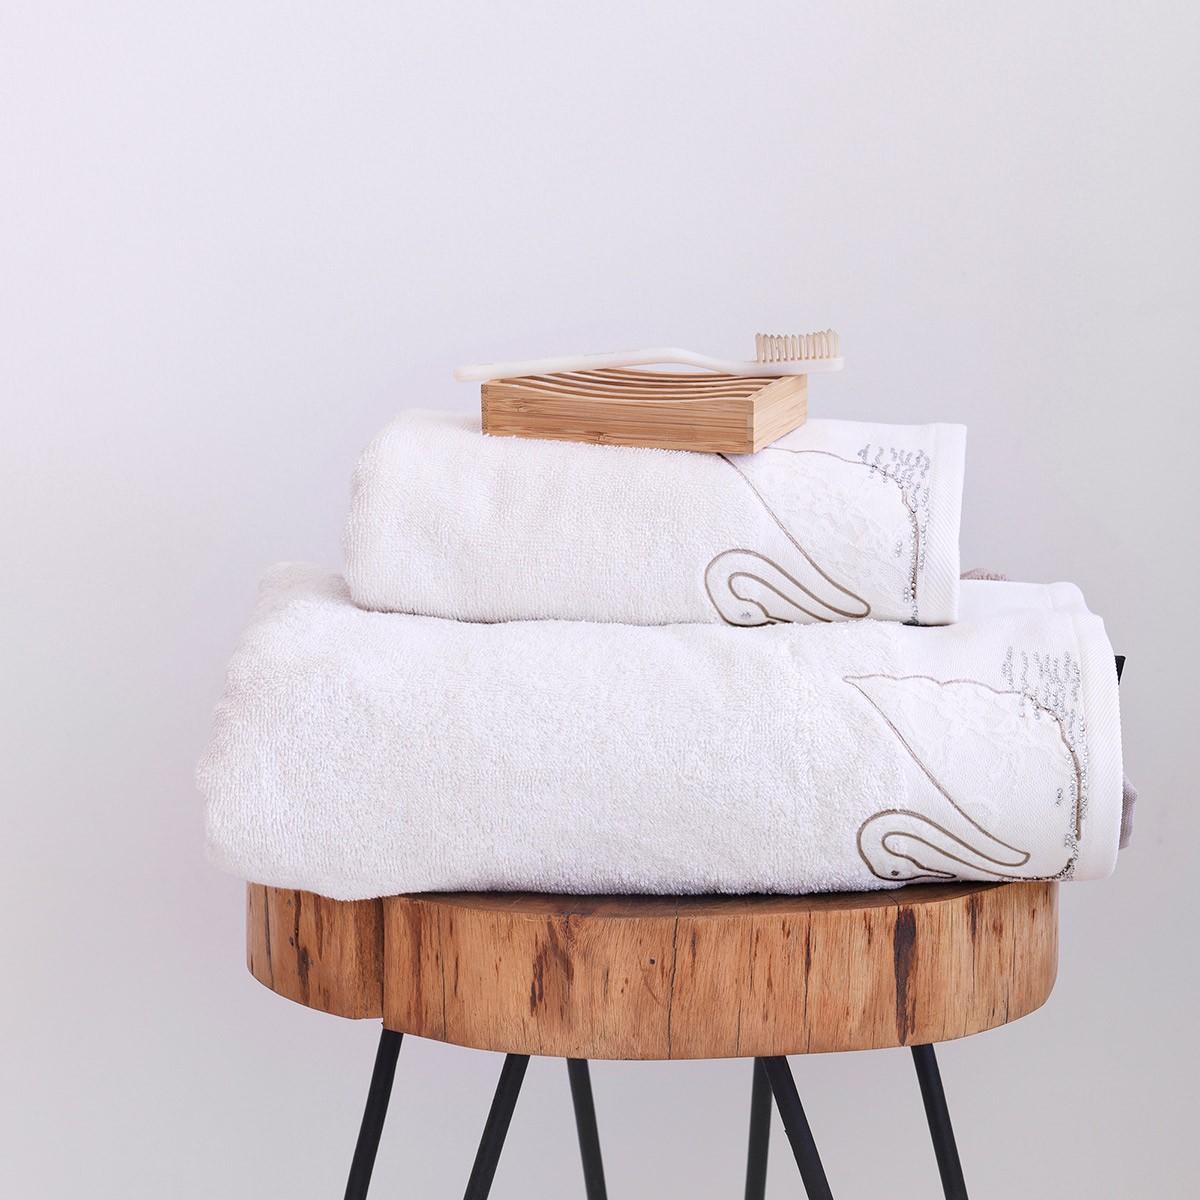 Πετσέτες Μπάνιου (Σετ 2τμχ) Sb Home Swan Cream